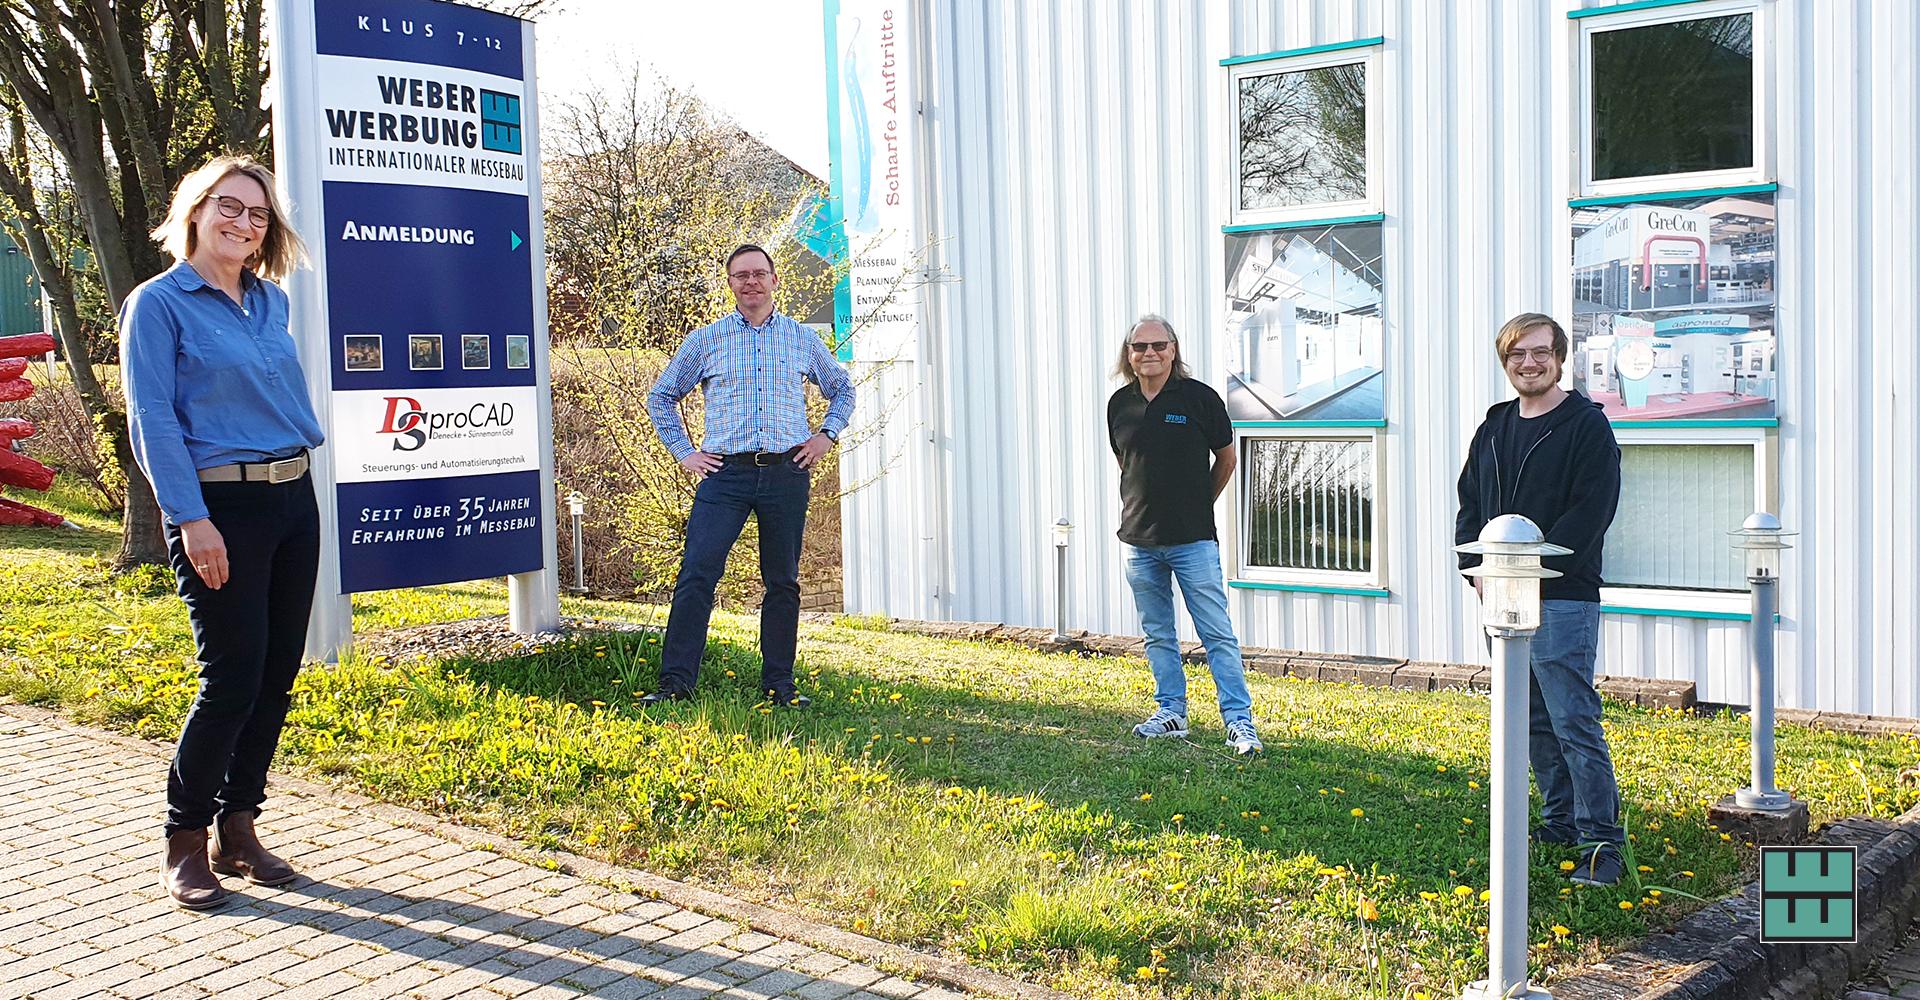 Delligsens Bürgermeister Stephan Willuda hatte ein offenes Ohr für die aktuelle Corona-Problematik unseres Familienunternehmens und der Messebau-Branche.